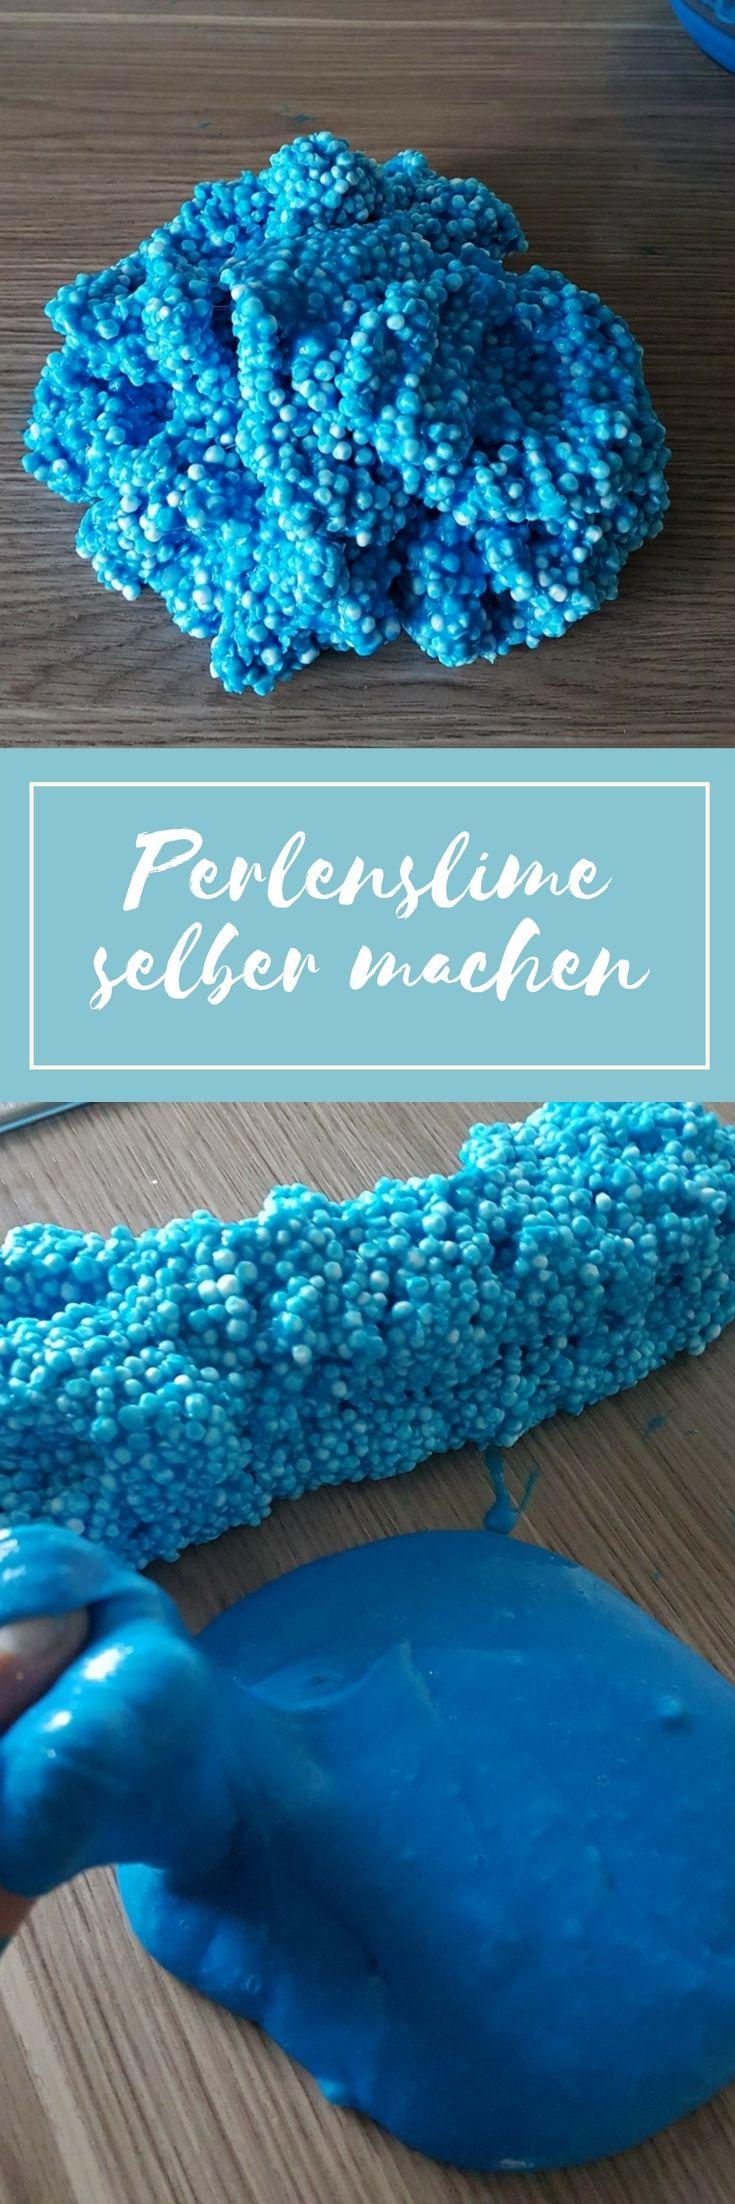 DIY Slime: Perlenschleim (Floam) selber machen